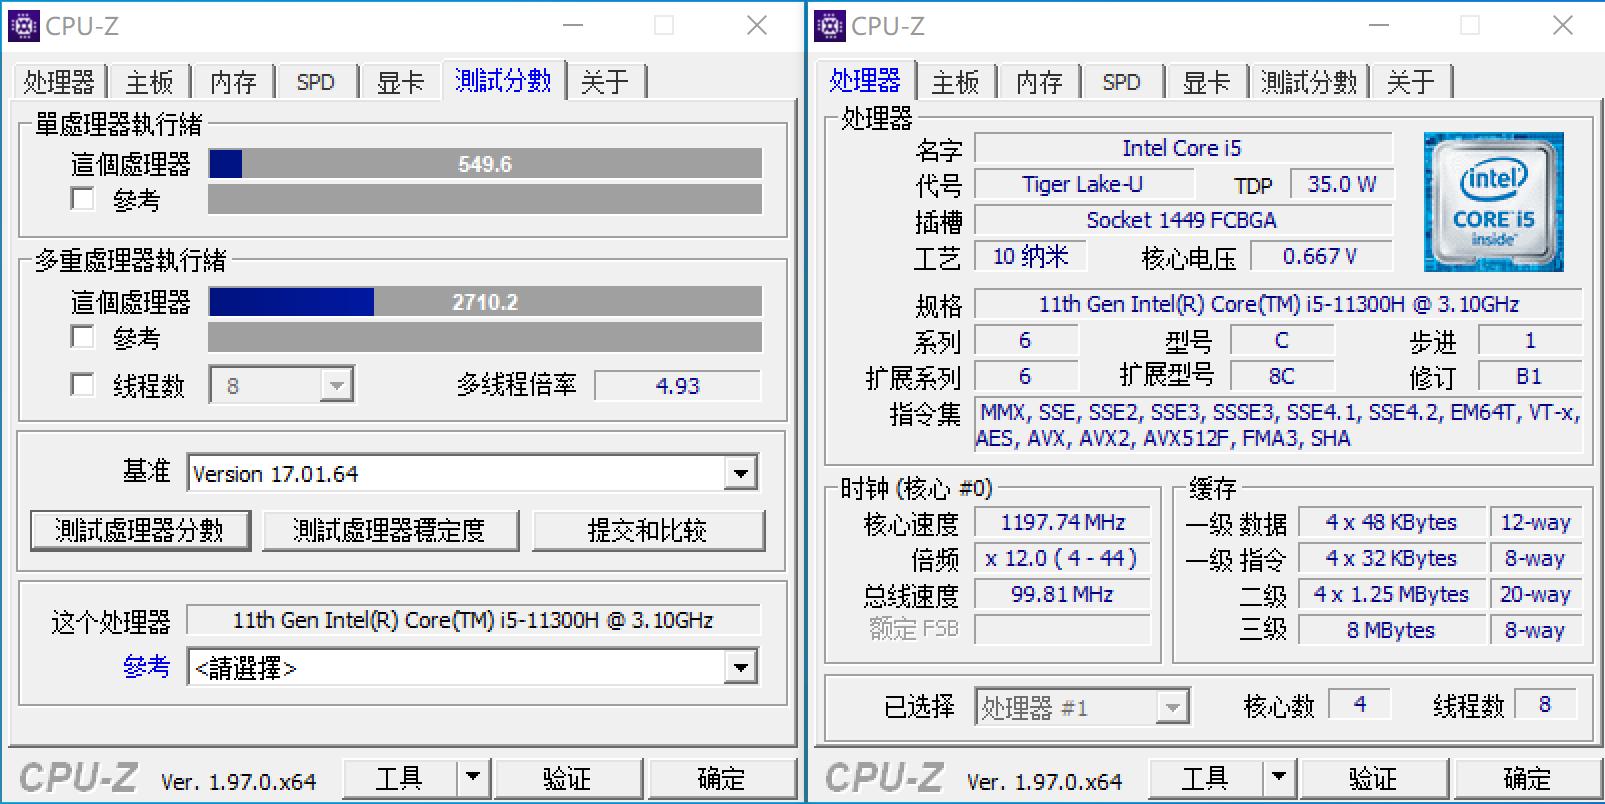 顛覆輕薄本傳統印象 性能螢幕都能打 華碩無畏Pro14酷睿版評測